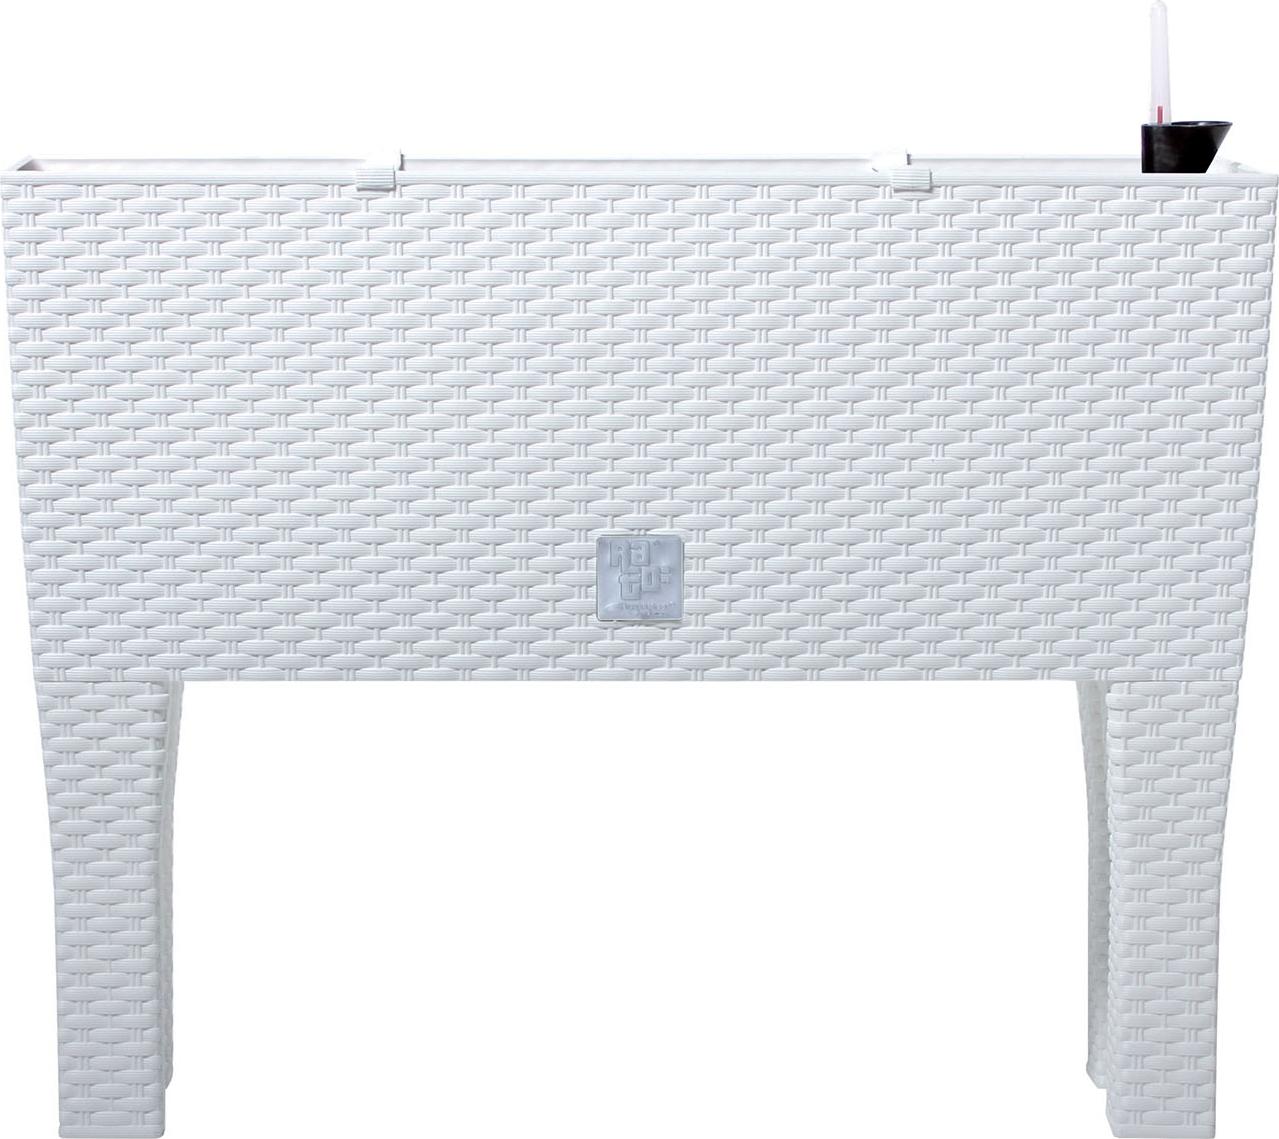 Балконный ящик Prosperplast Ротанг, на ножках, DRTC600H 449, белый, 60 х 25 х 46 см ящик пластиковый ротанг 46 л